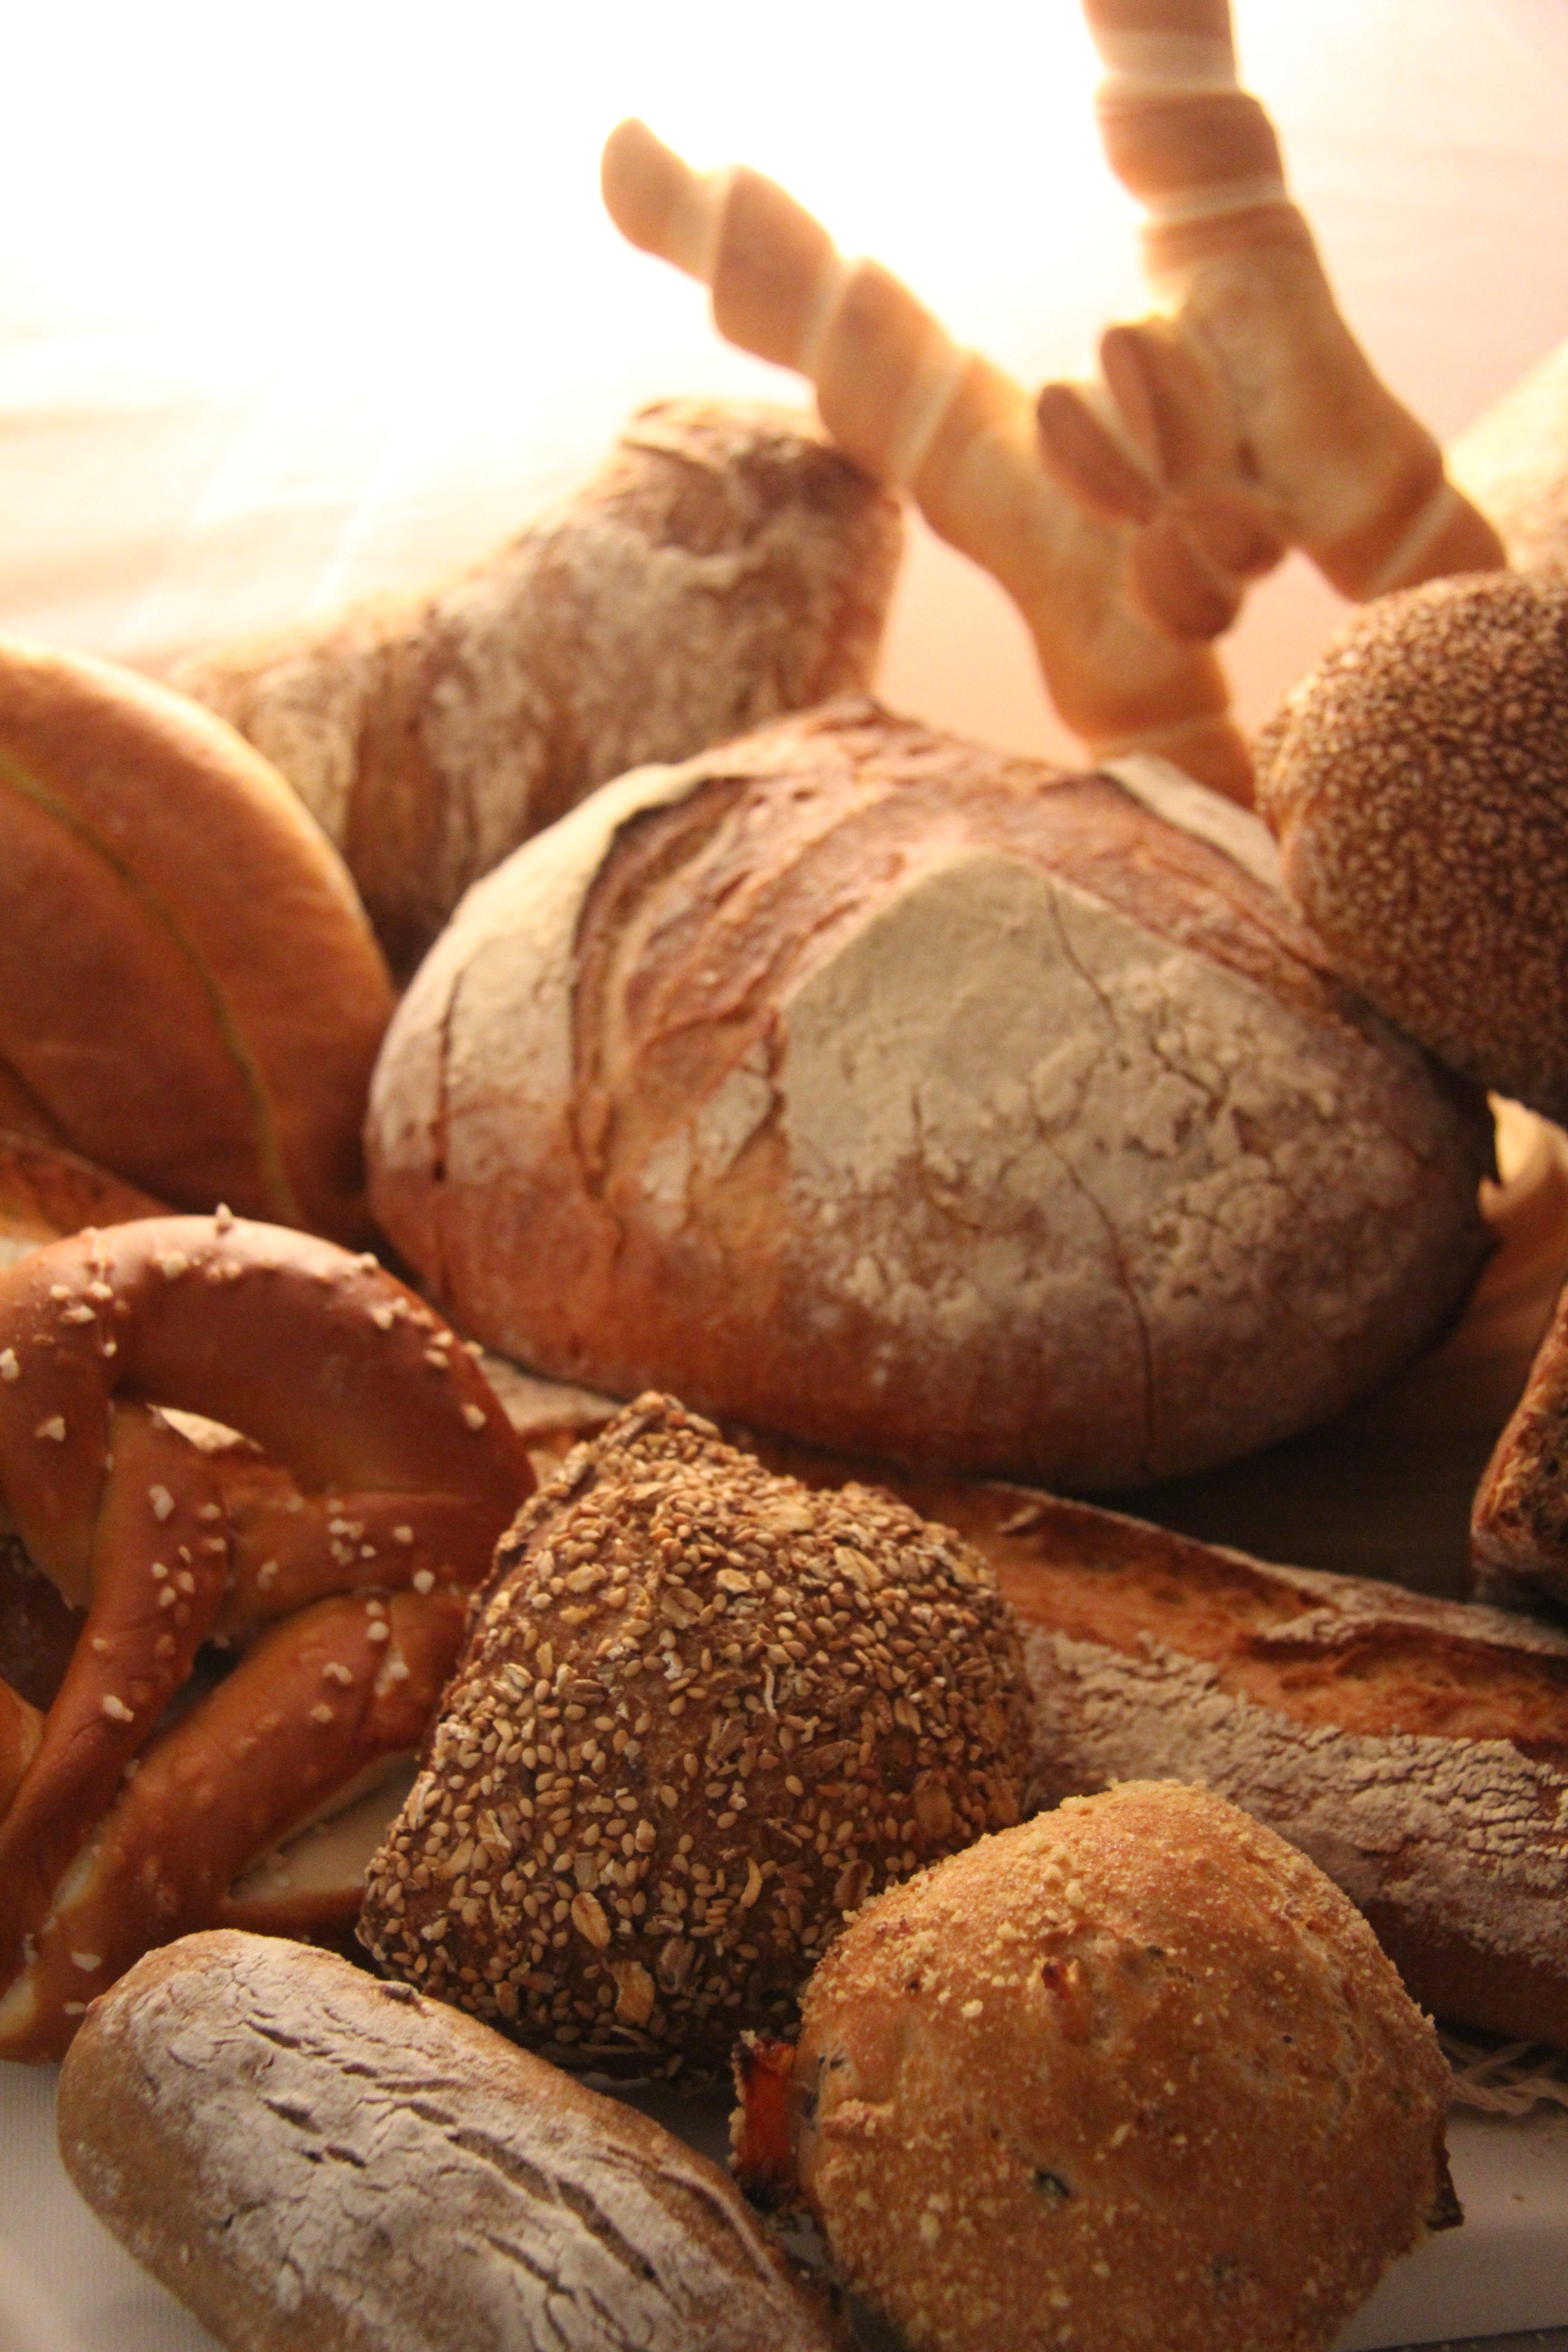 Pane di diversa fattura